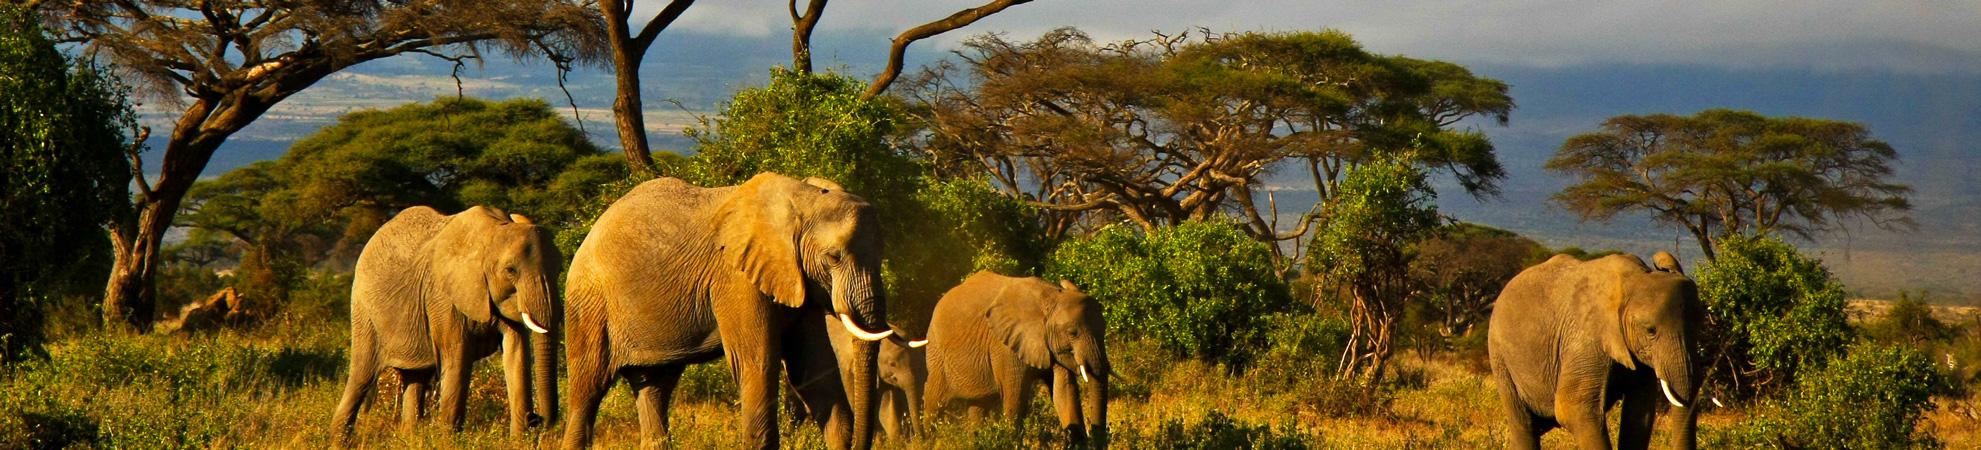 Séjour en Afrique